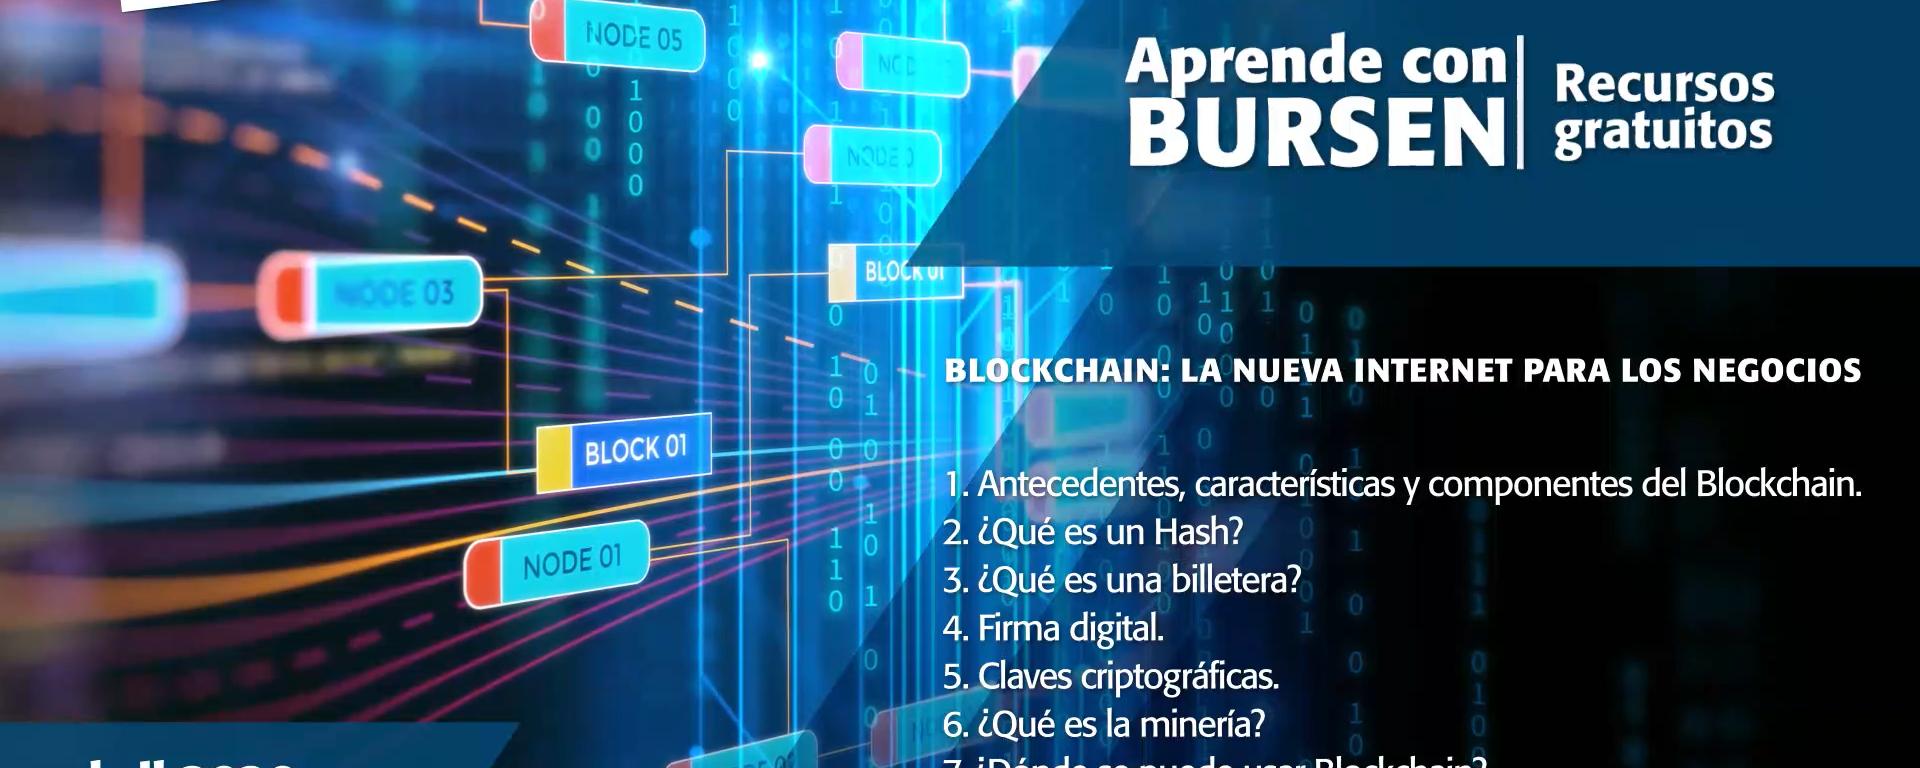 """Open BURSEN-Charla Gratuita: """"Blockchain: La nueva internet para los negocios"""""""